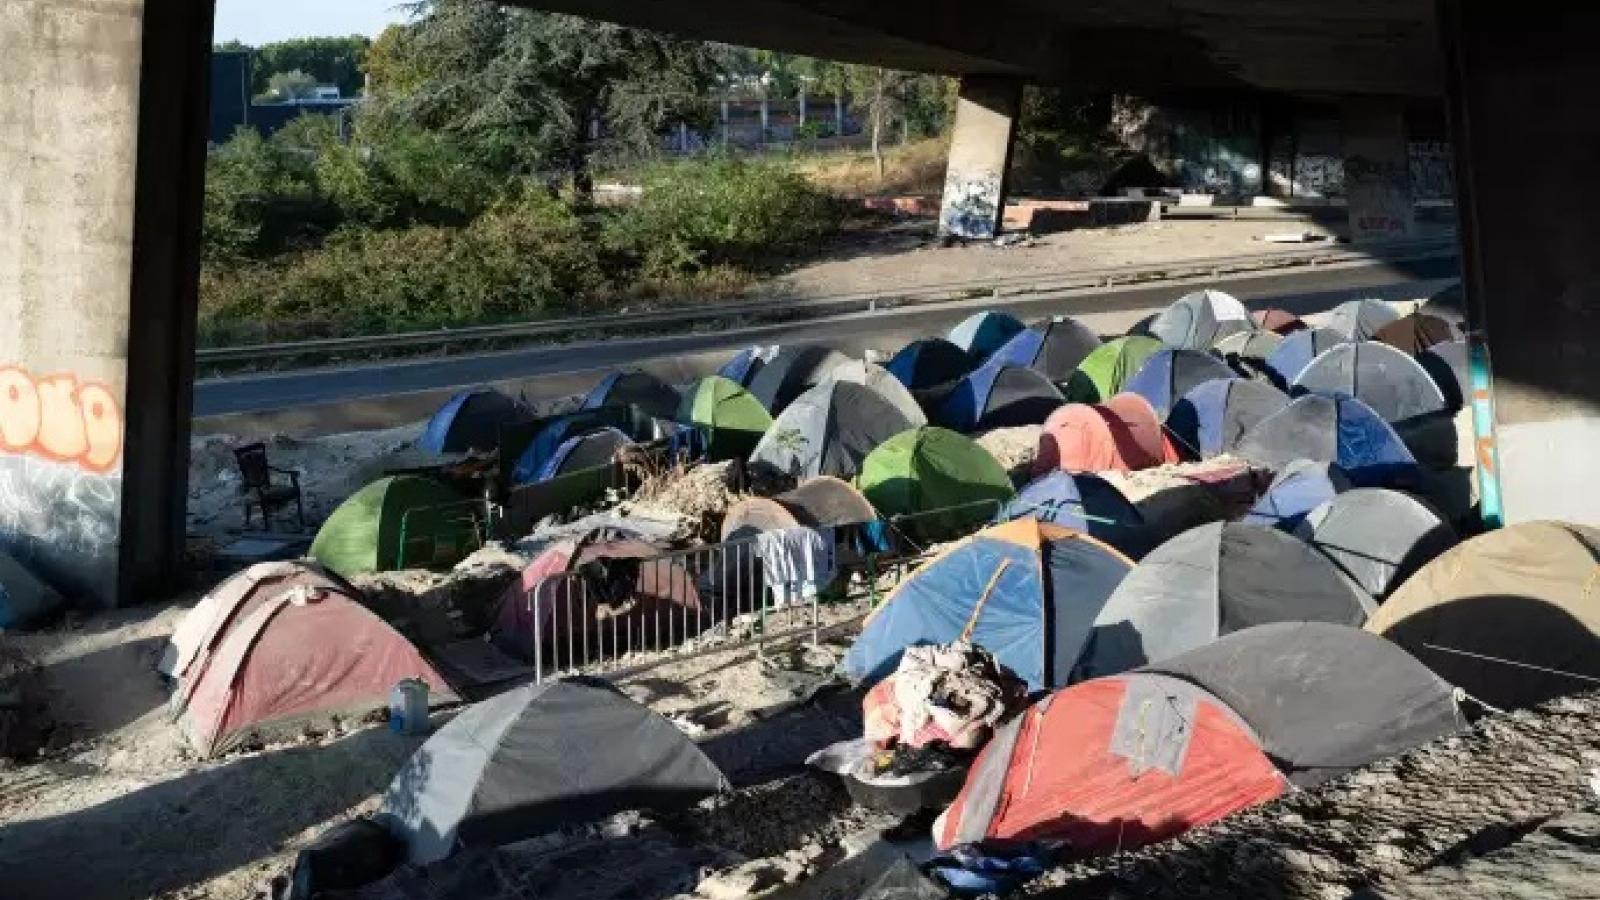 Châu Âu công bố chính sách mới về nhập cư và tị nạn